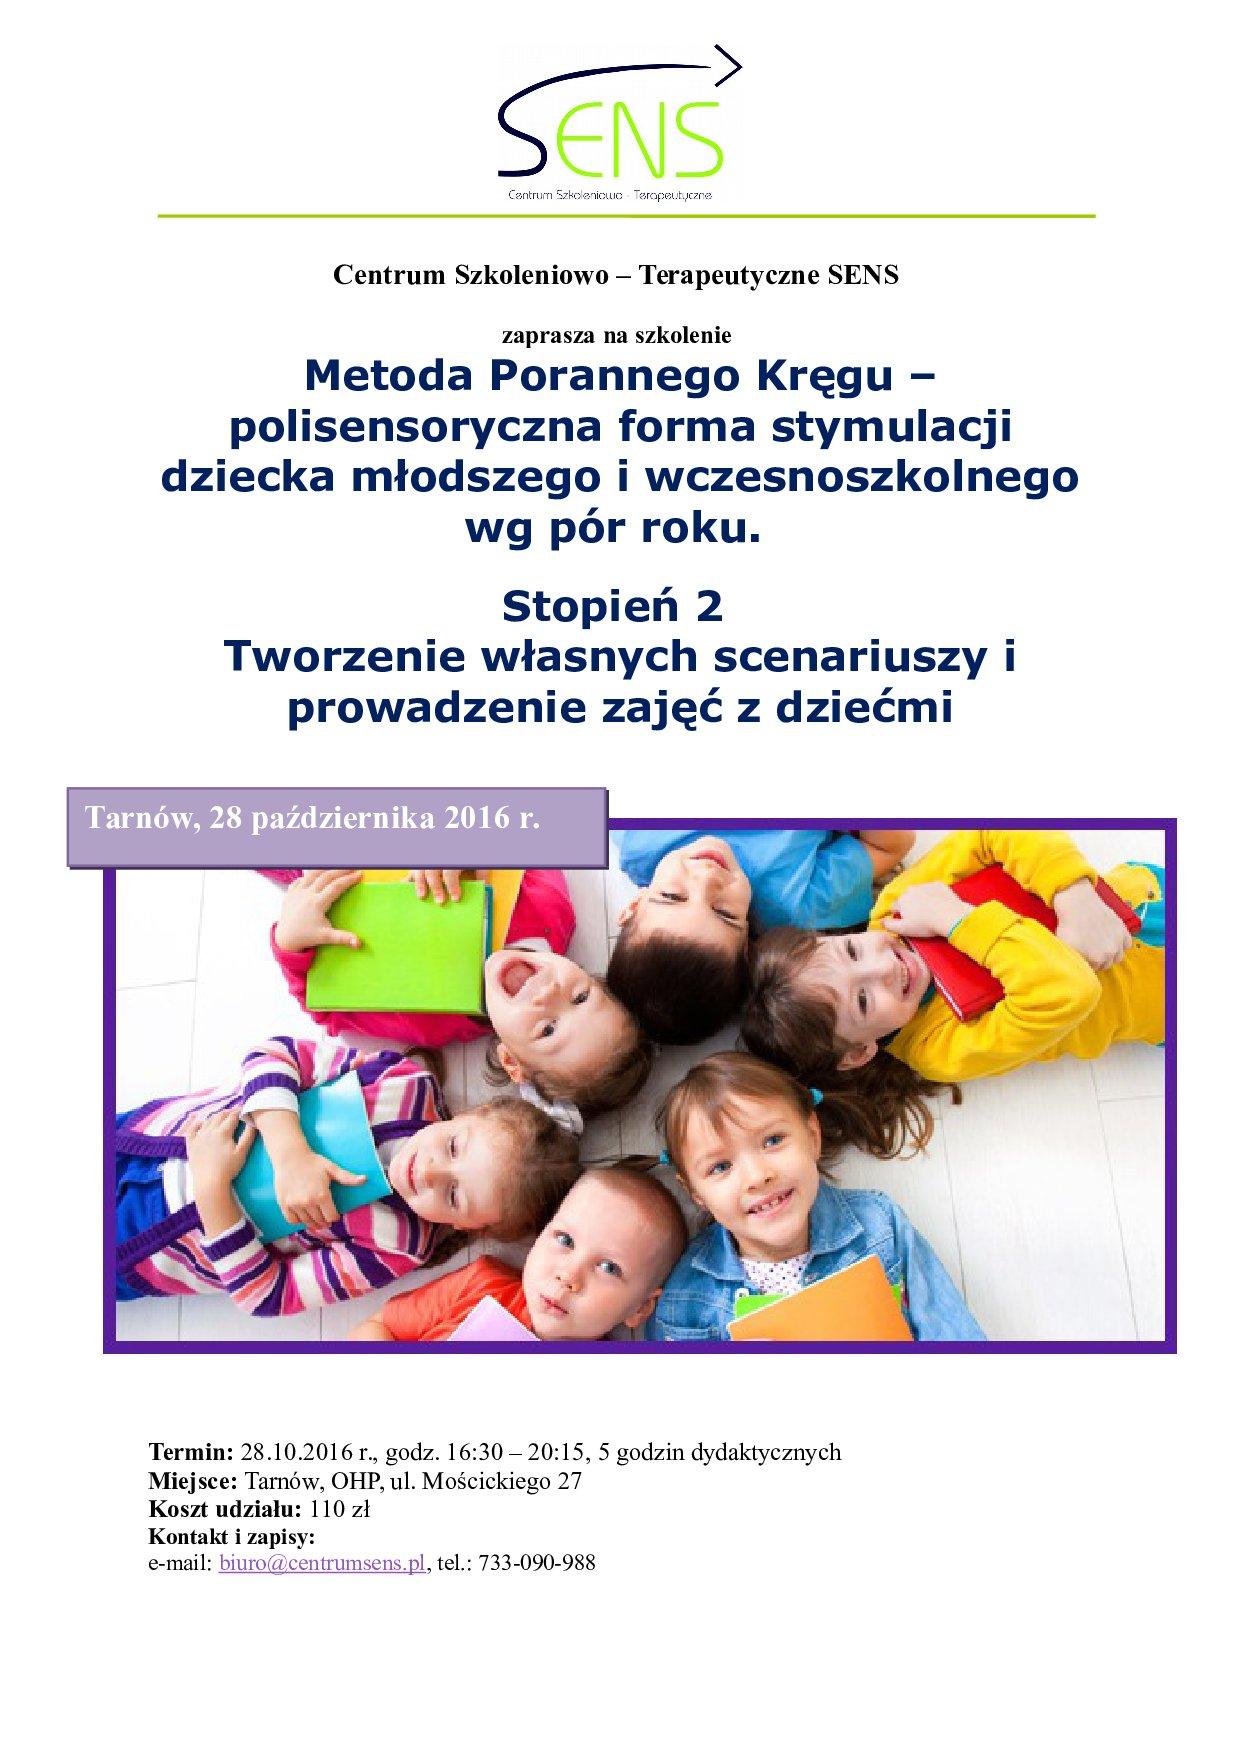 Tarnów. Poranny krąg część 2. 28.10.16 r.